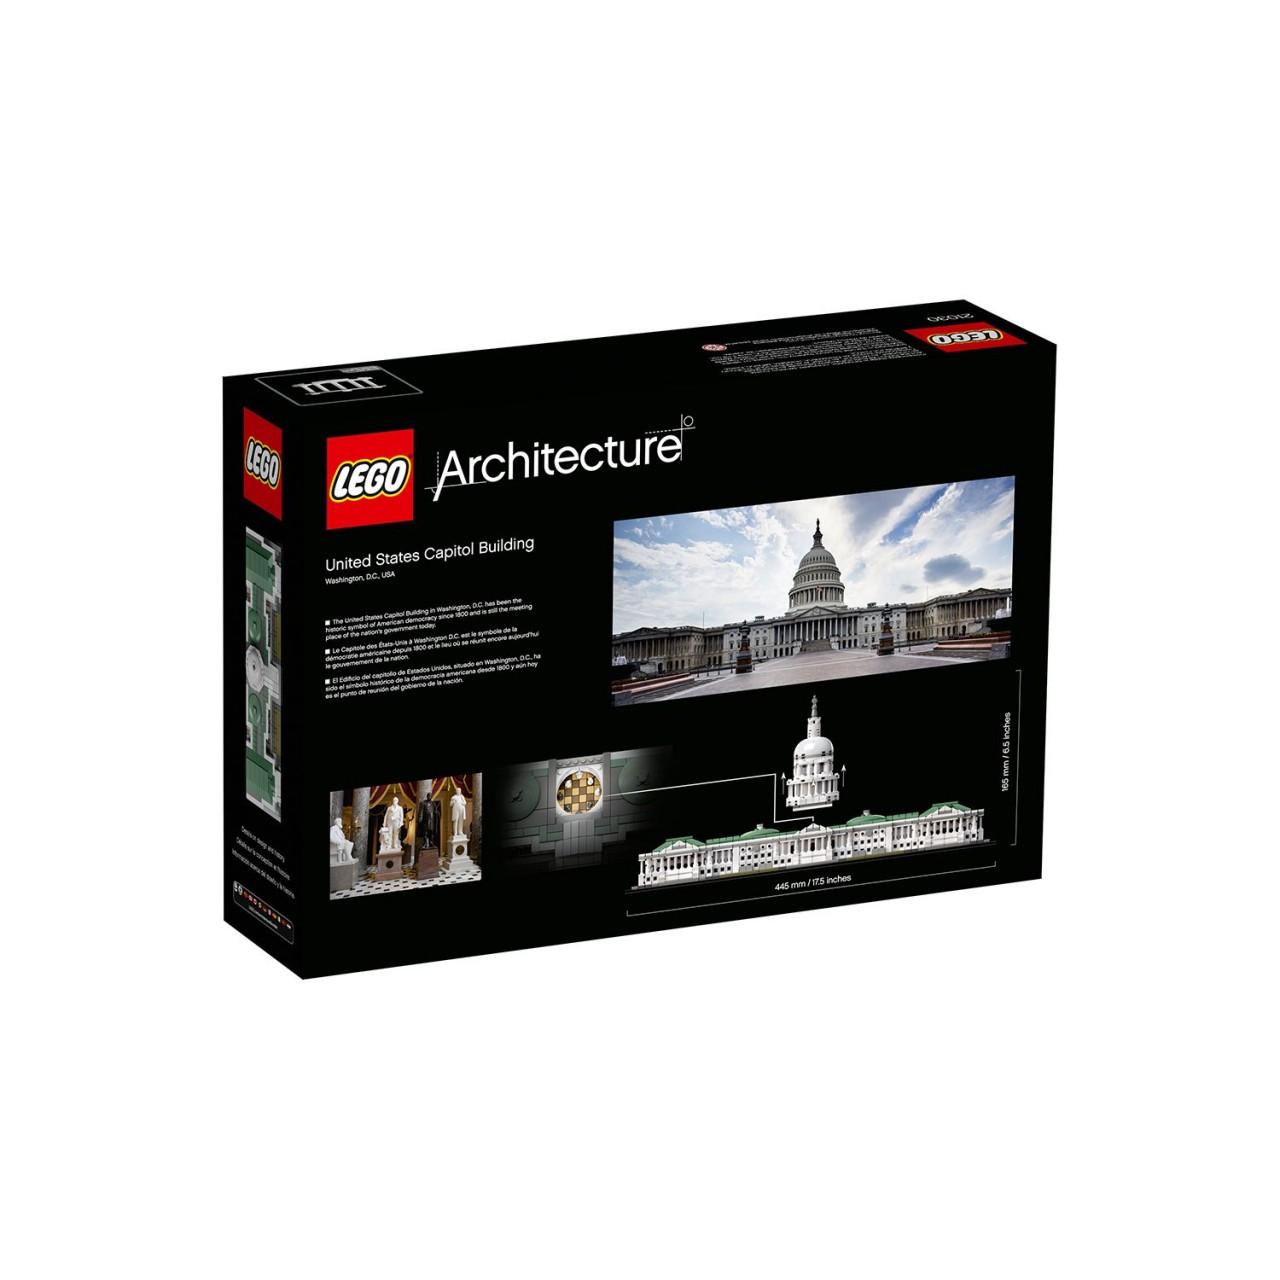 LEGO ARCHITECTURE 21030 Das Kapitol